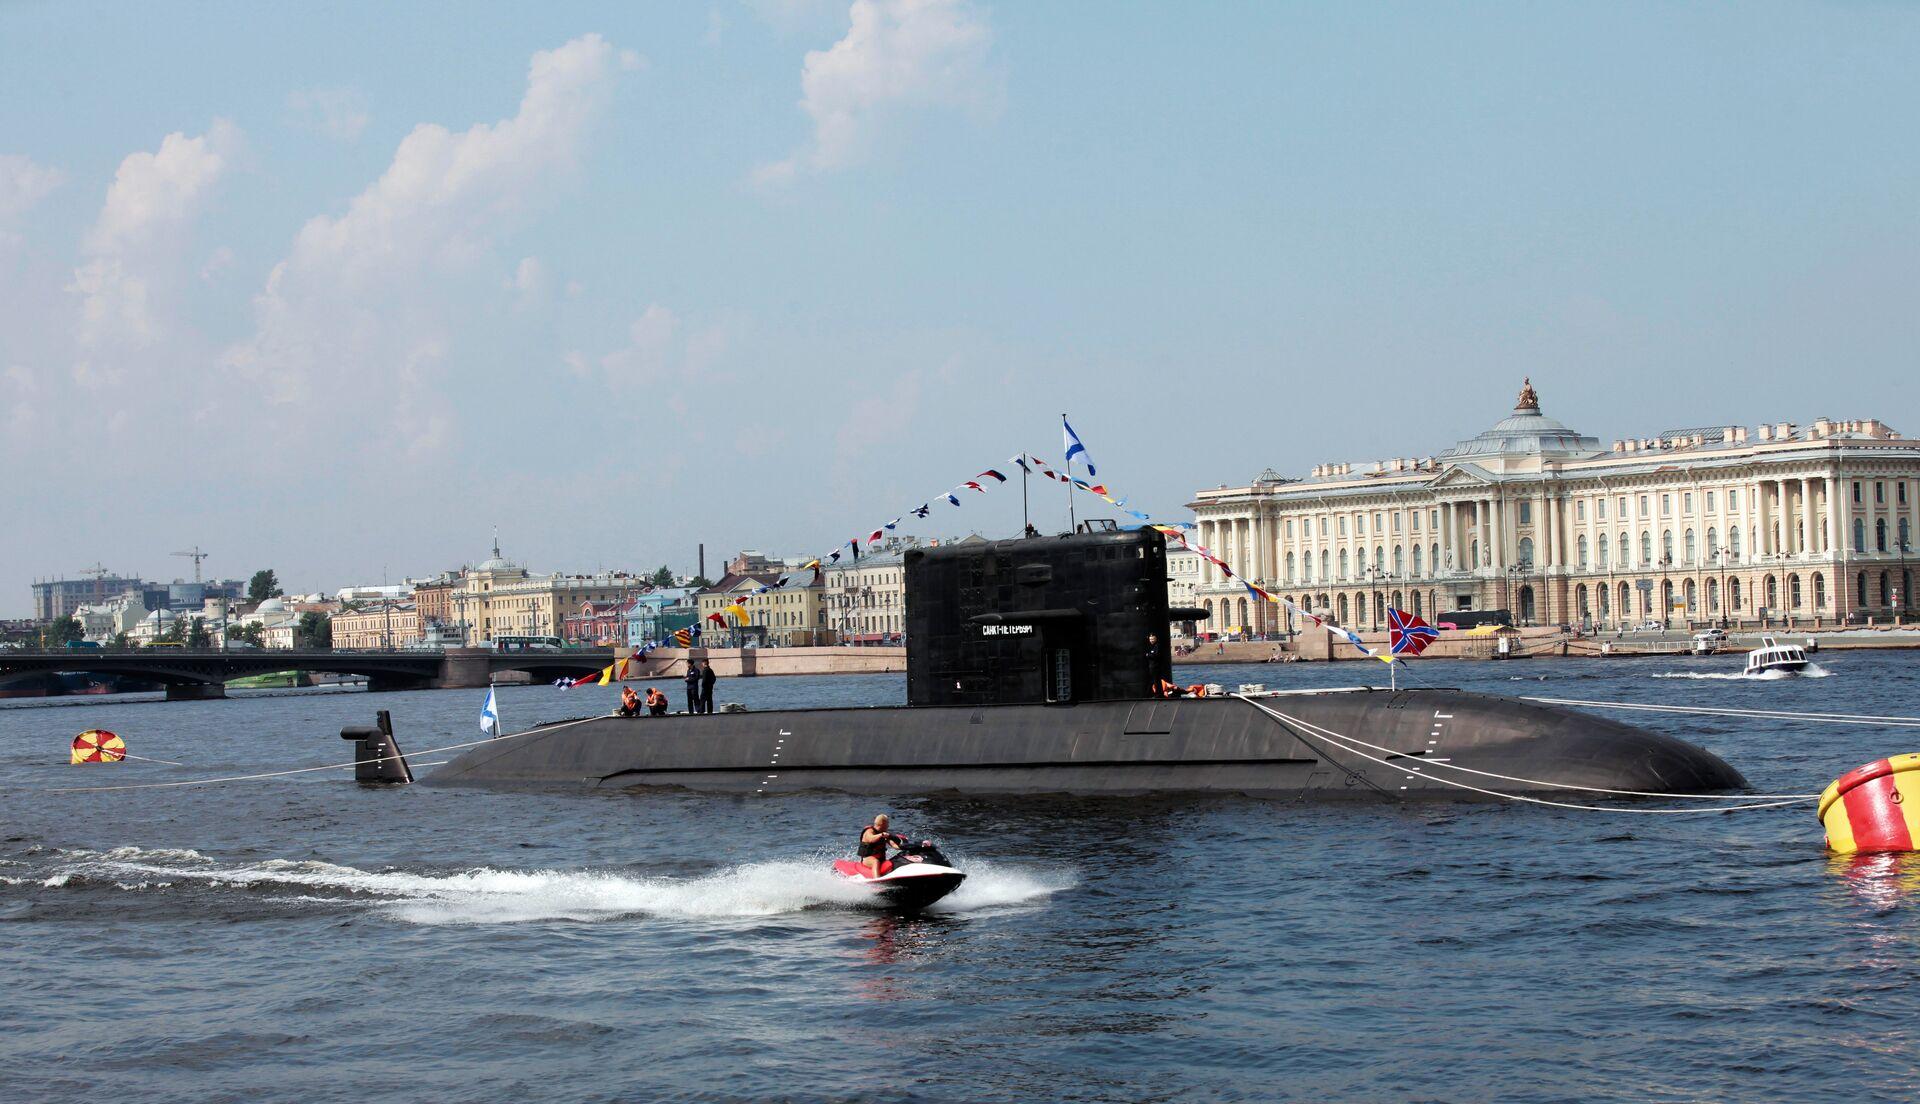 Прибытие в Петербург военных кораблей для участия в Дне ВМФ - РИА Новости, 1920, 24.02.2021